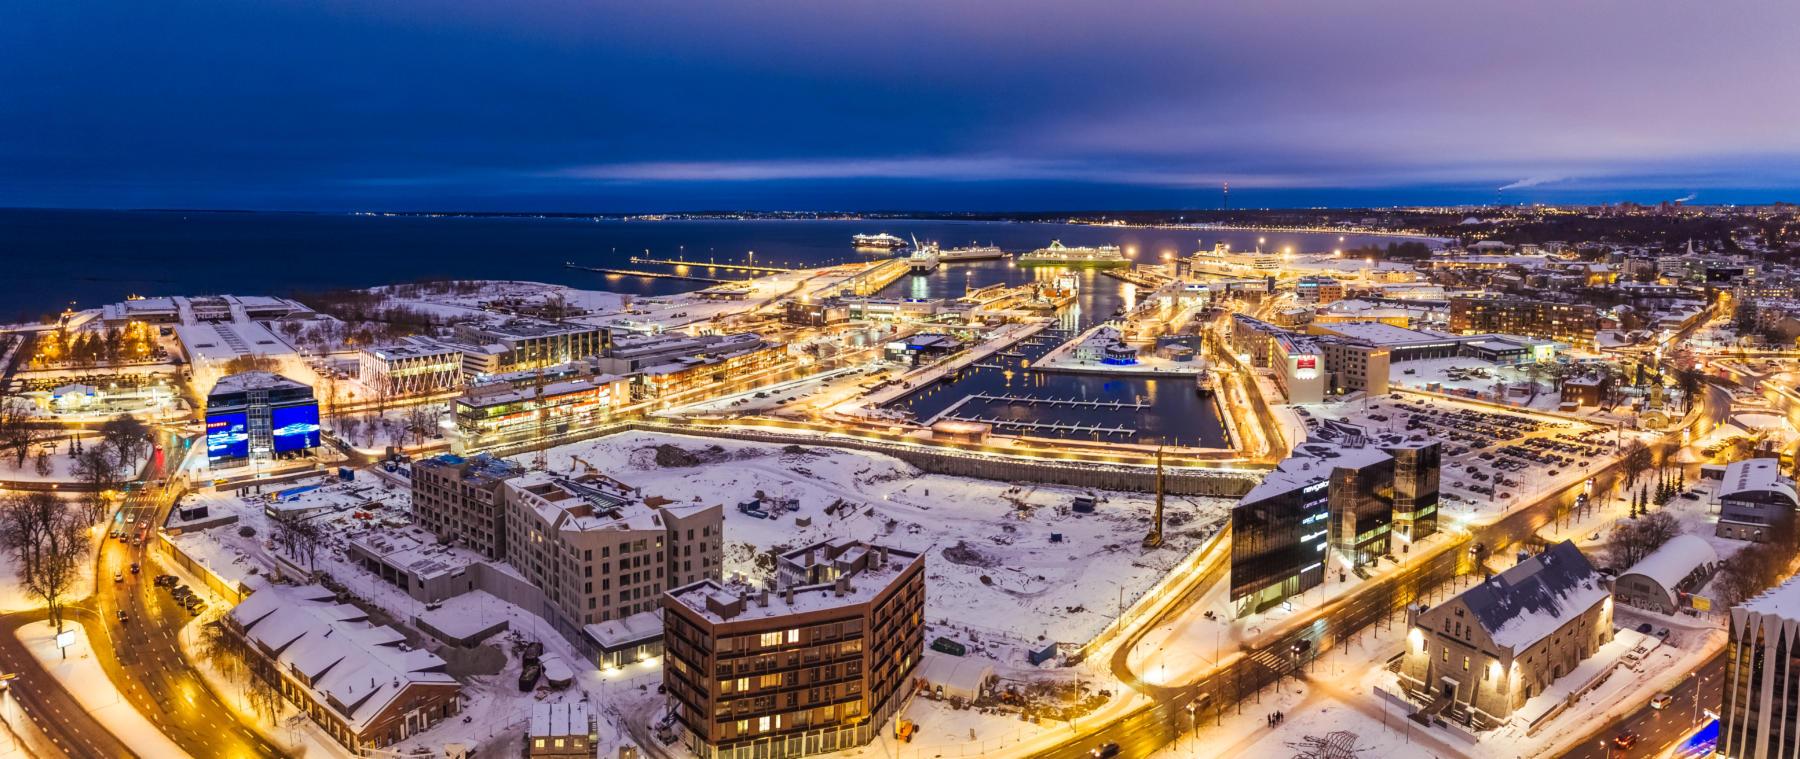 Dịch vụ chuyển phát nhanh đi Estonia giá rẻ.